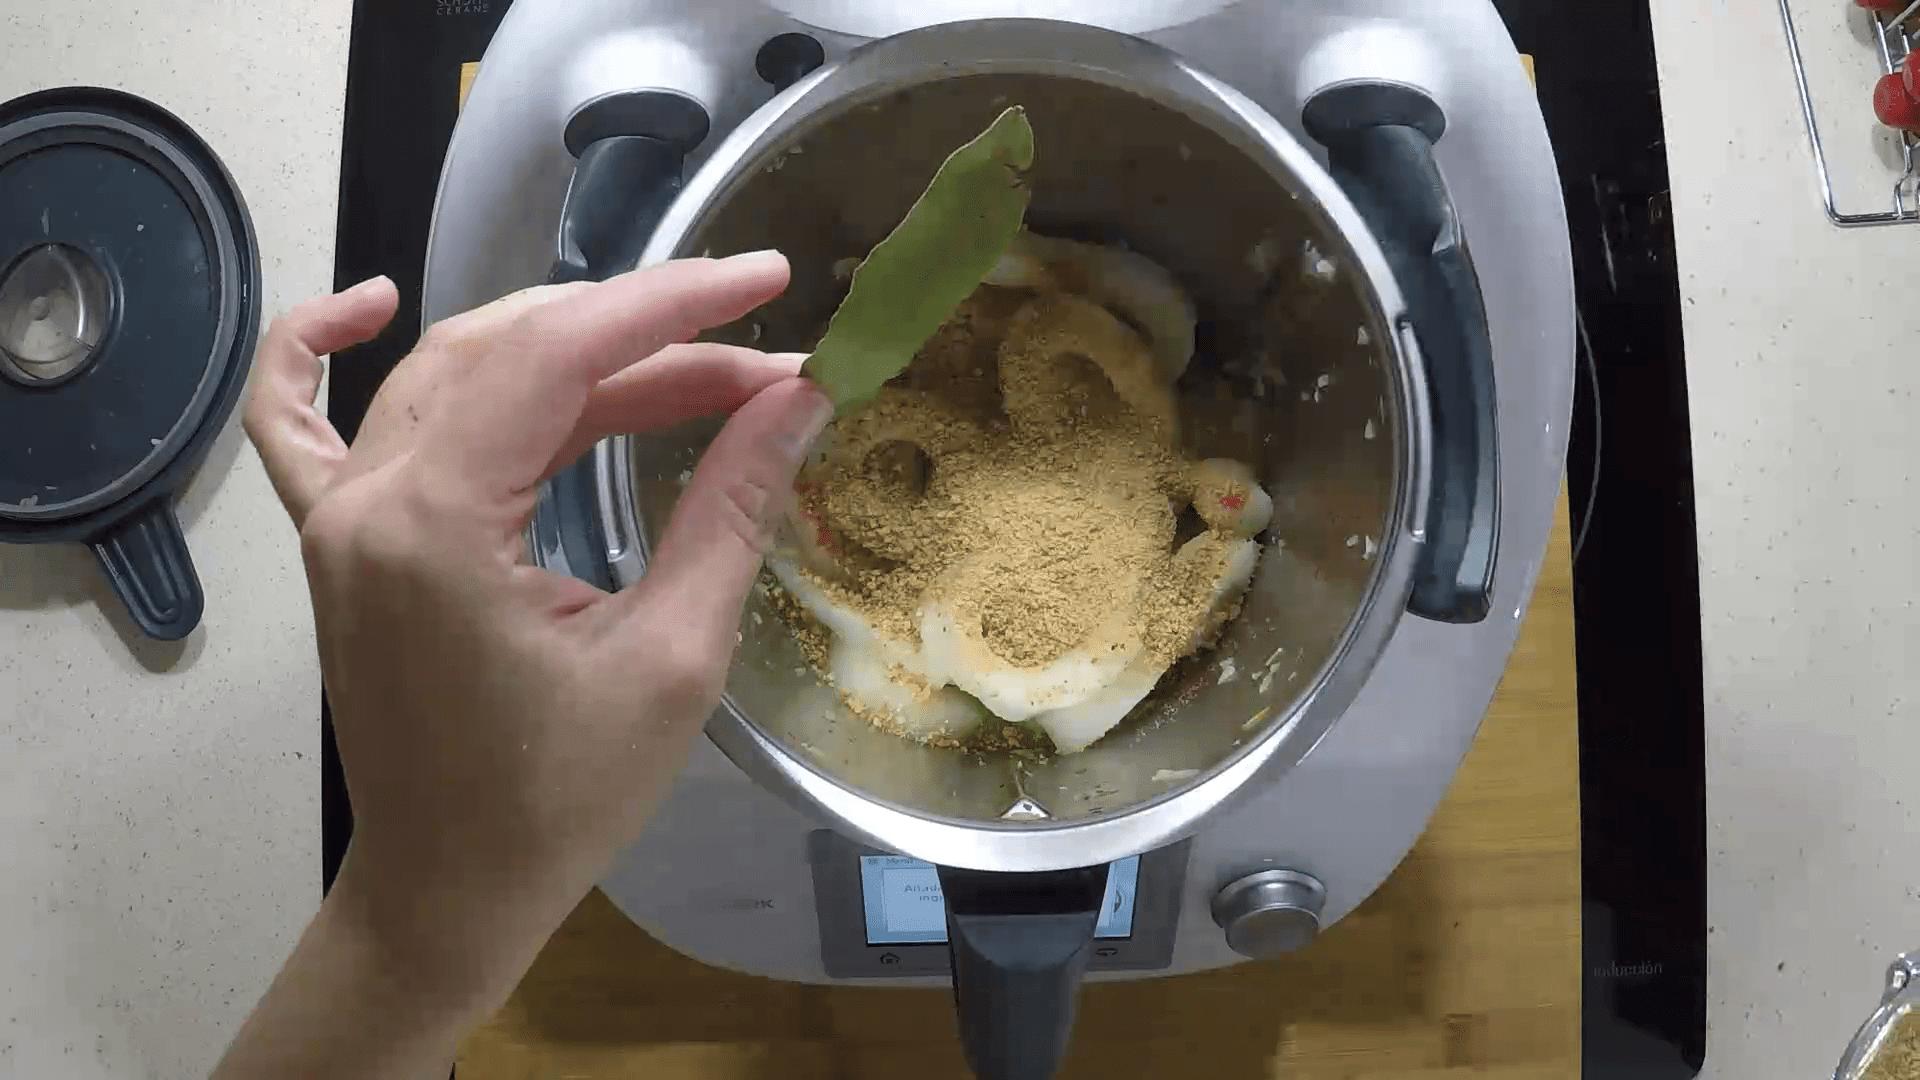 Calamares en salsa en la Thermomix